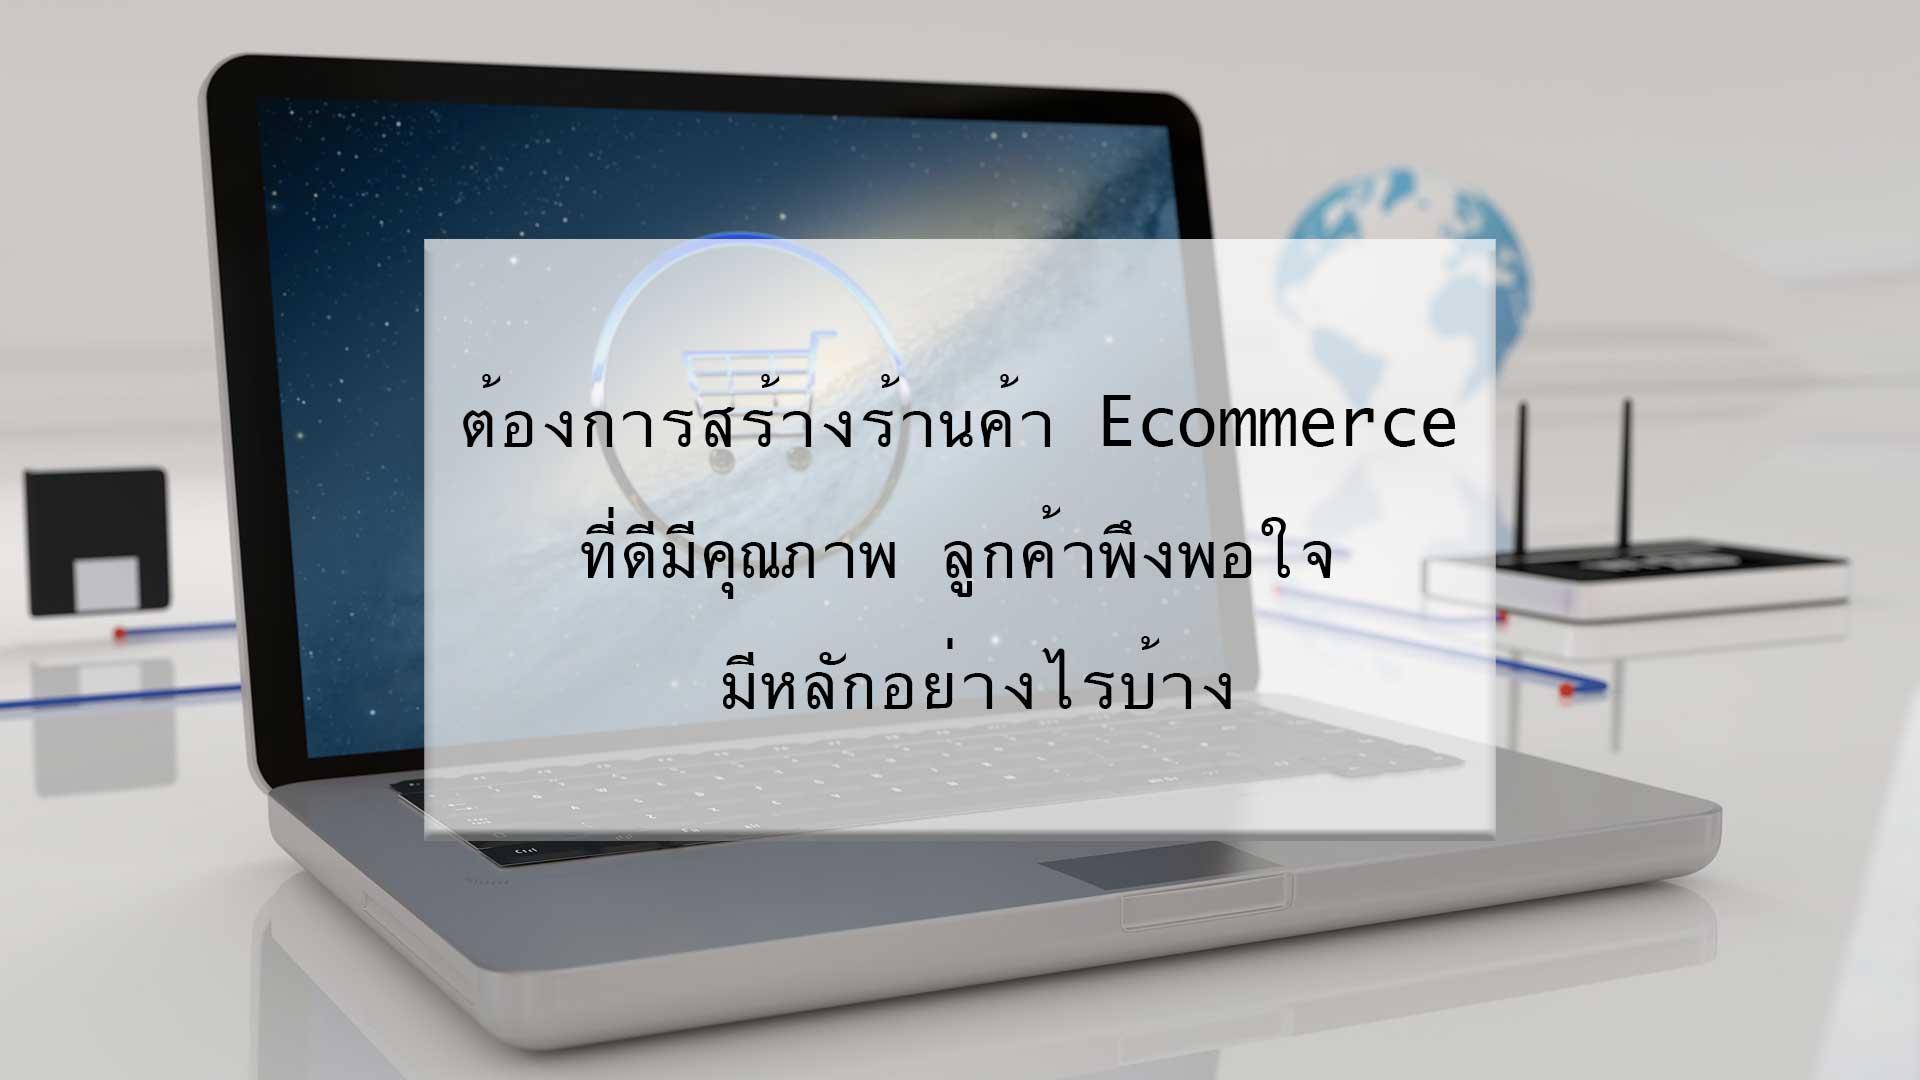 ต้องการสร้าง ร้านค้า Ecommerce ที่ดีมีคุณภาพ ต้องมีหลักอย่างไรบ้าง